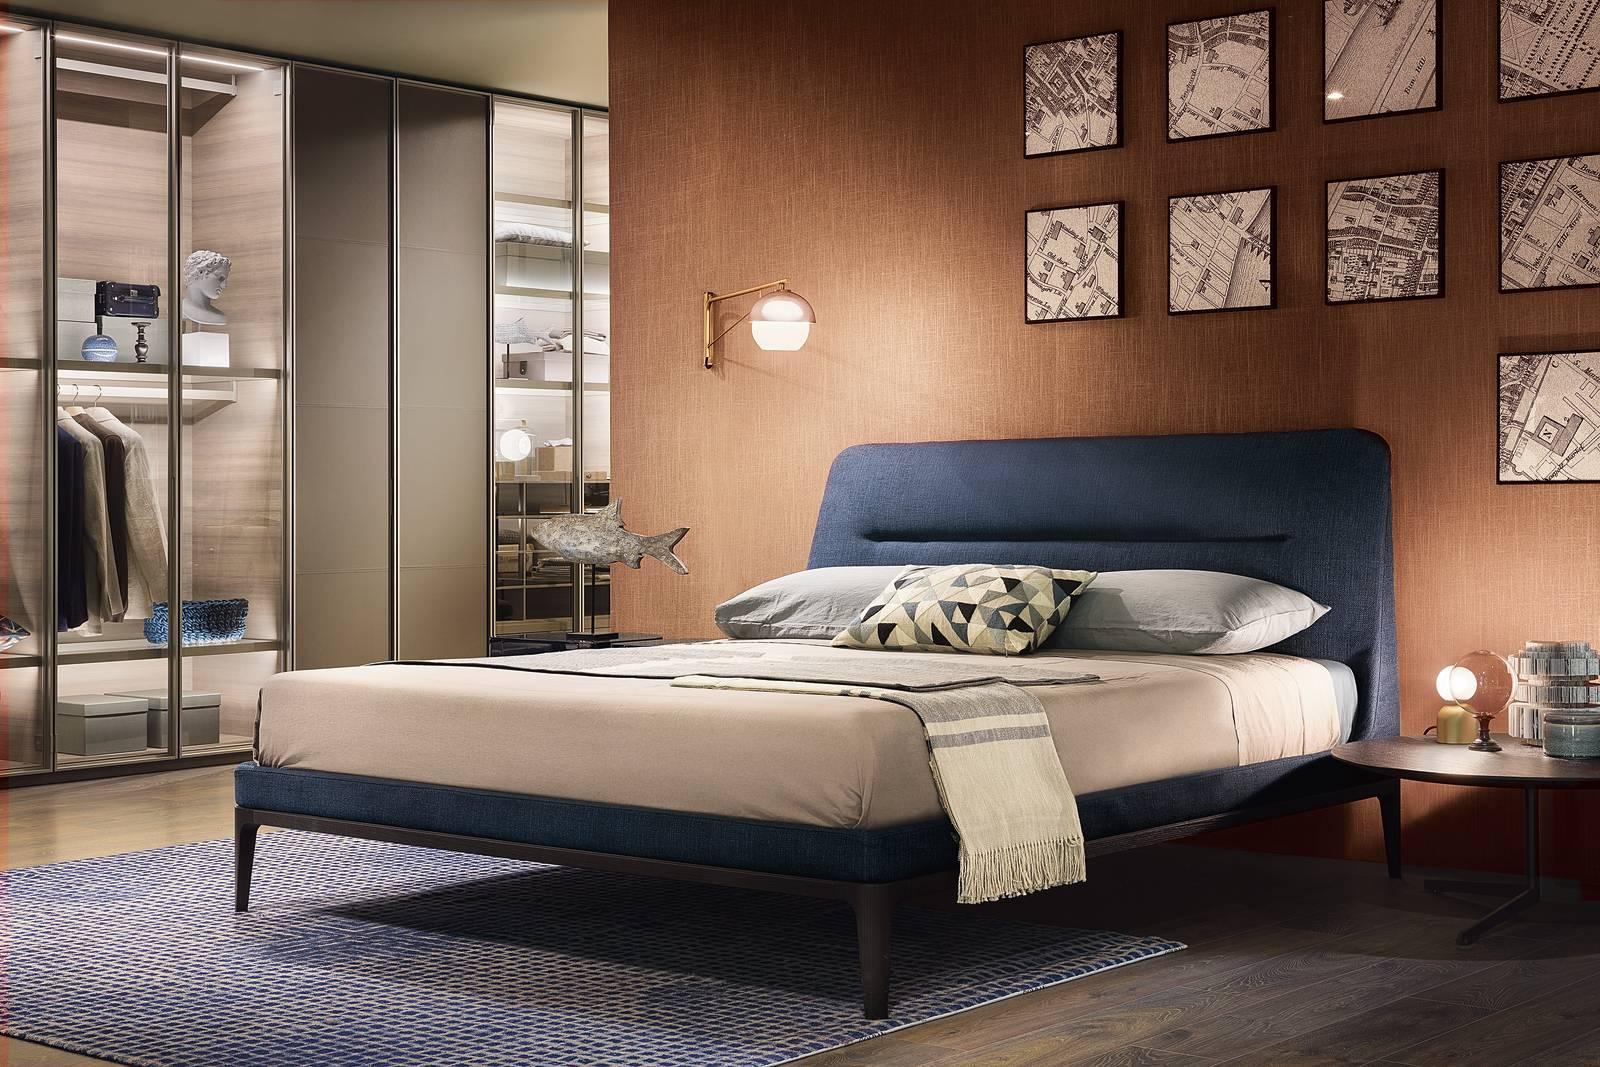 Parete Dietro Letto Idee la parete dietro il letto: come trasformarla - cose di casa